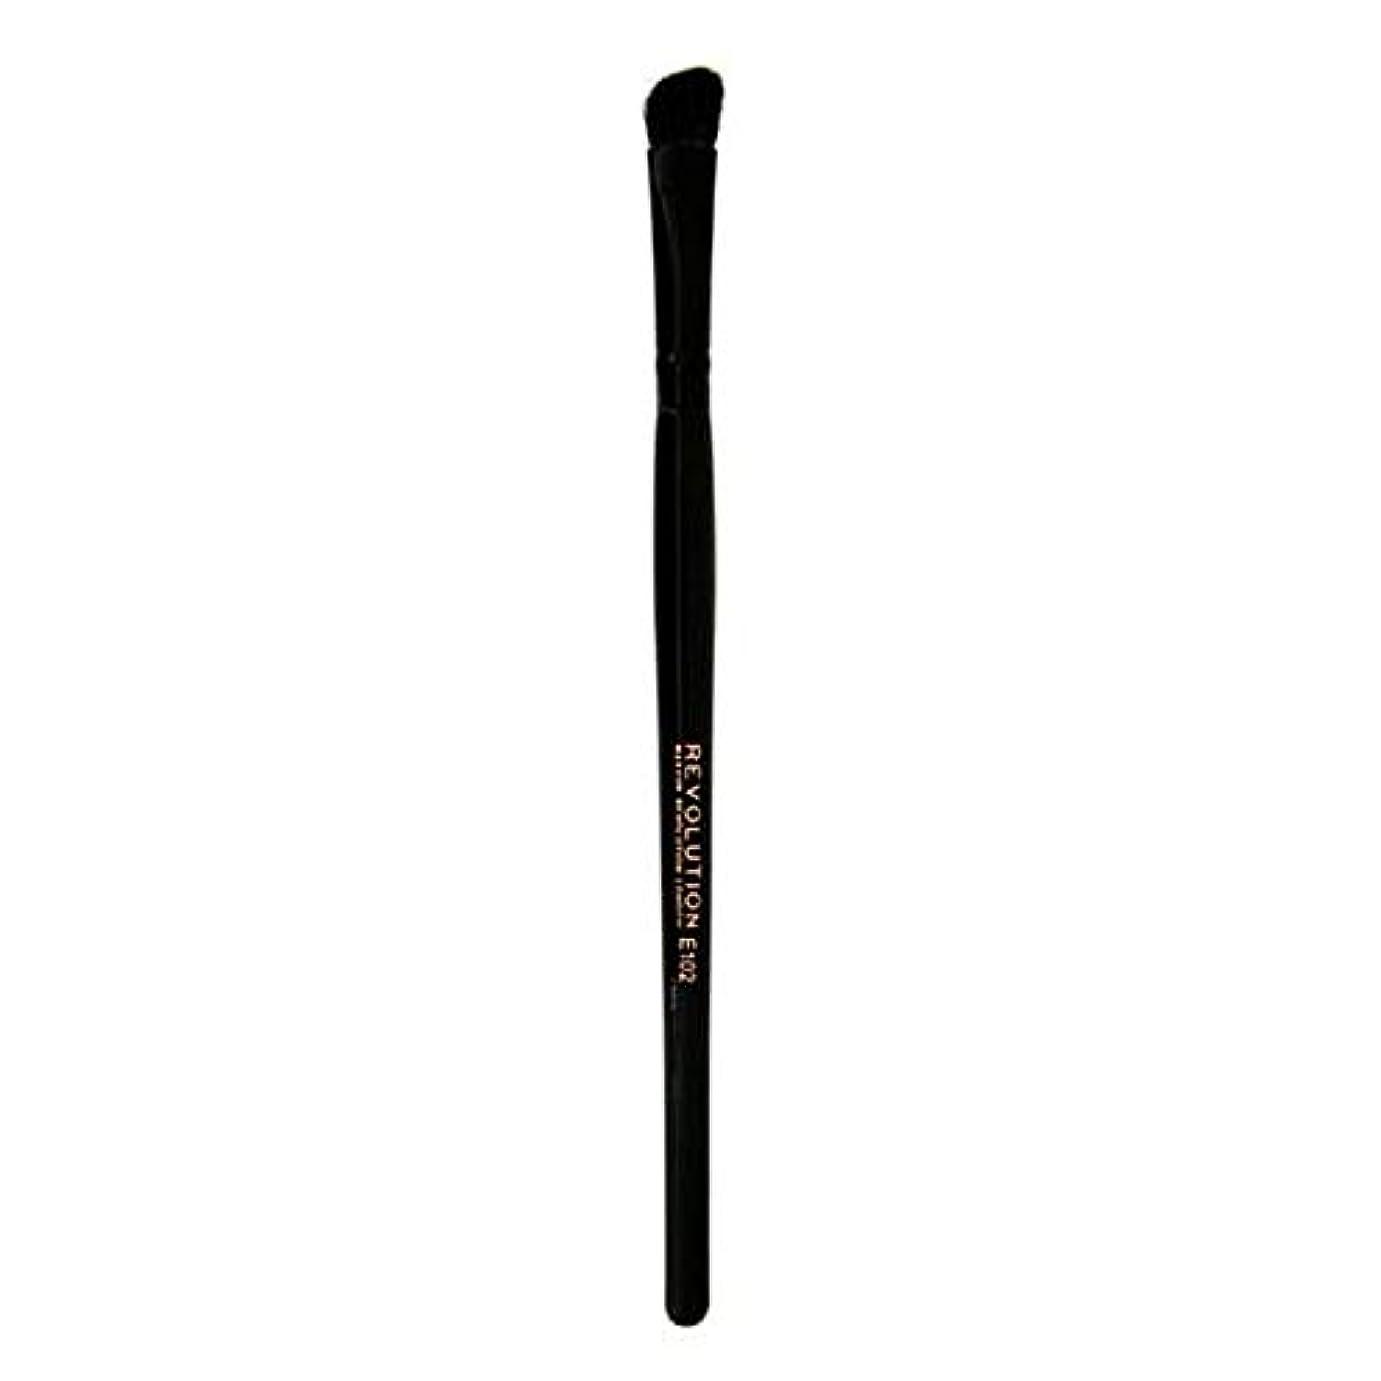 バイアス受け継ぐ始める[Revolution ] 革命プロE102アイシャドウの輪郭メイクブラシ - Revolution Pro E102 Eyeshadow Contour Makeup Brush [並行輸入品]